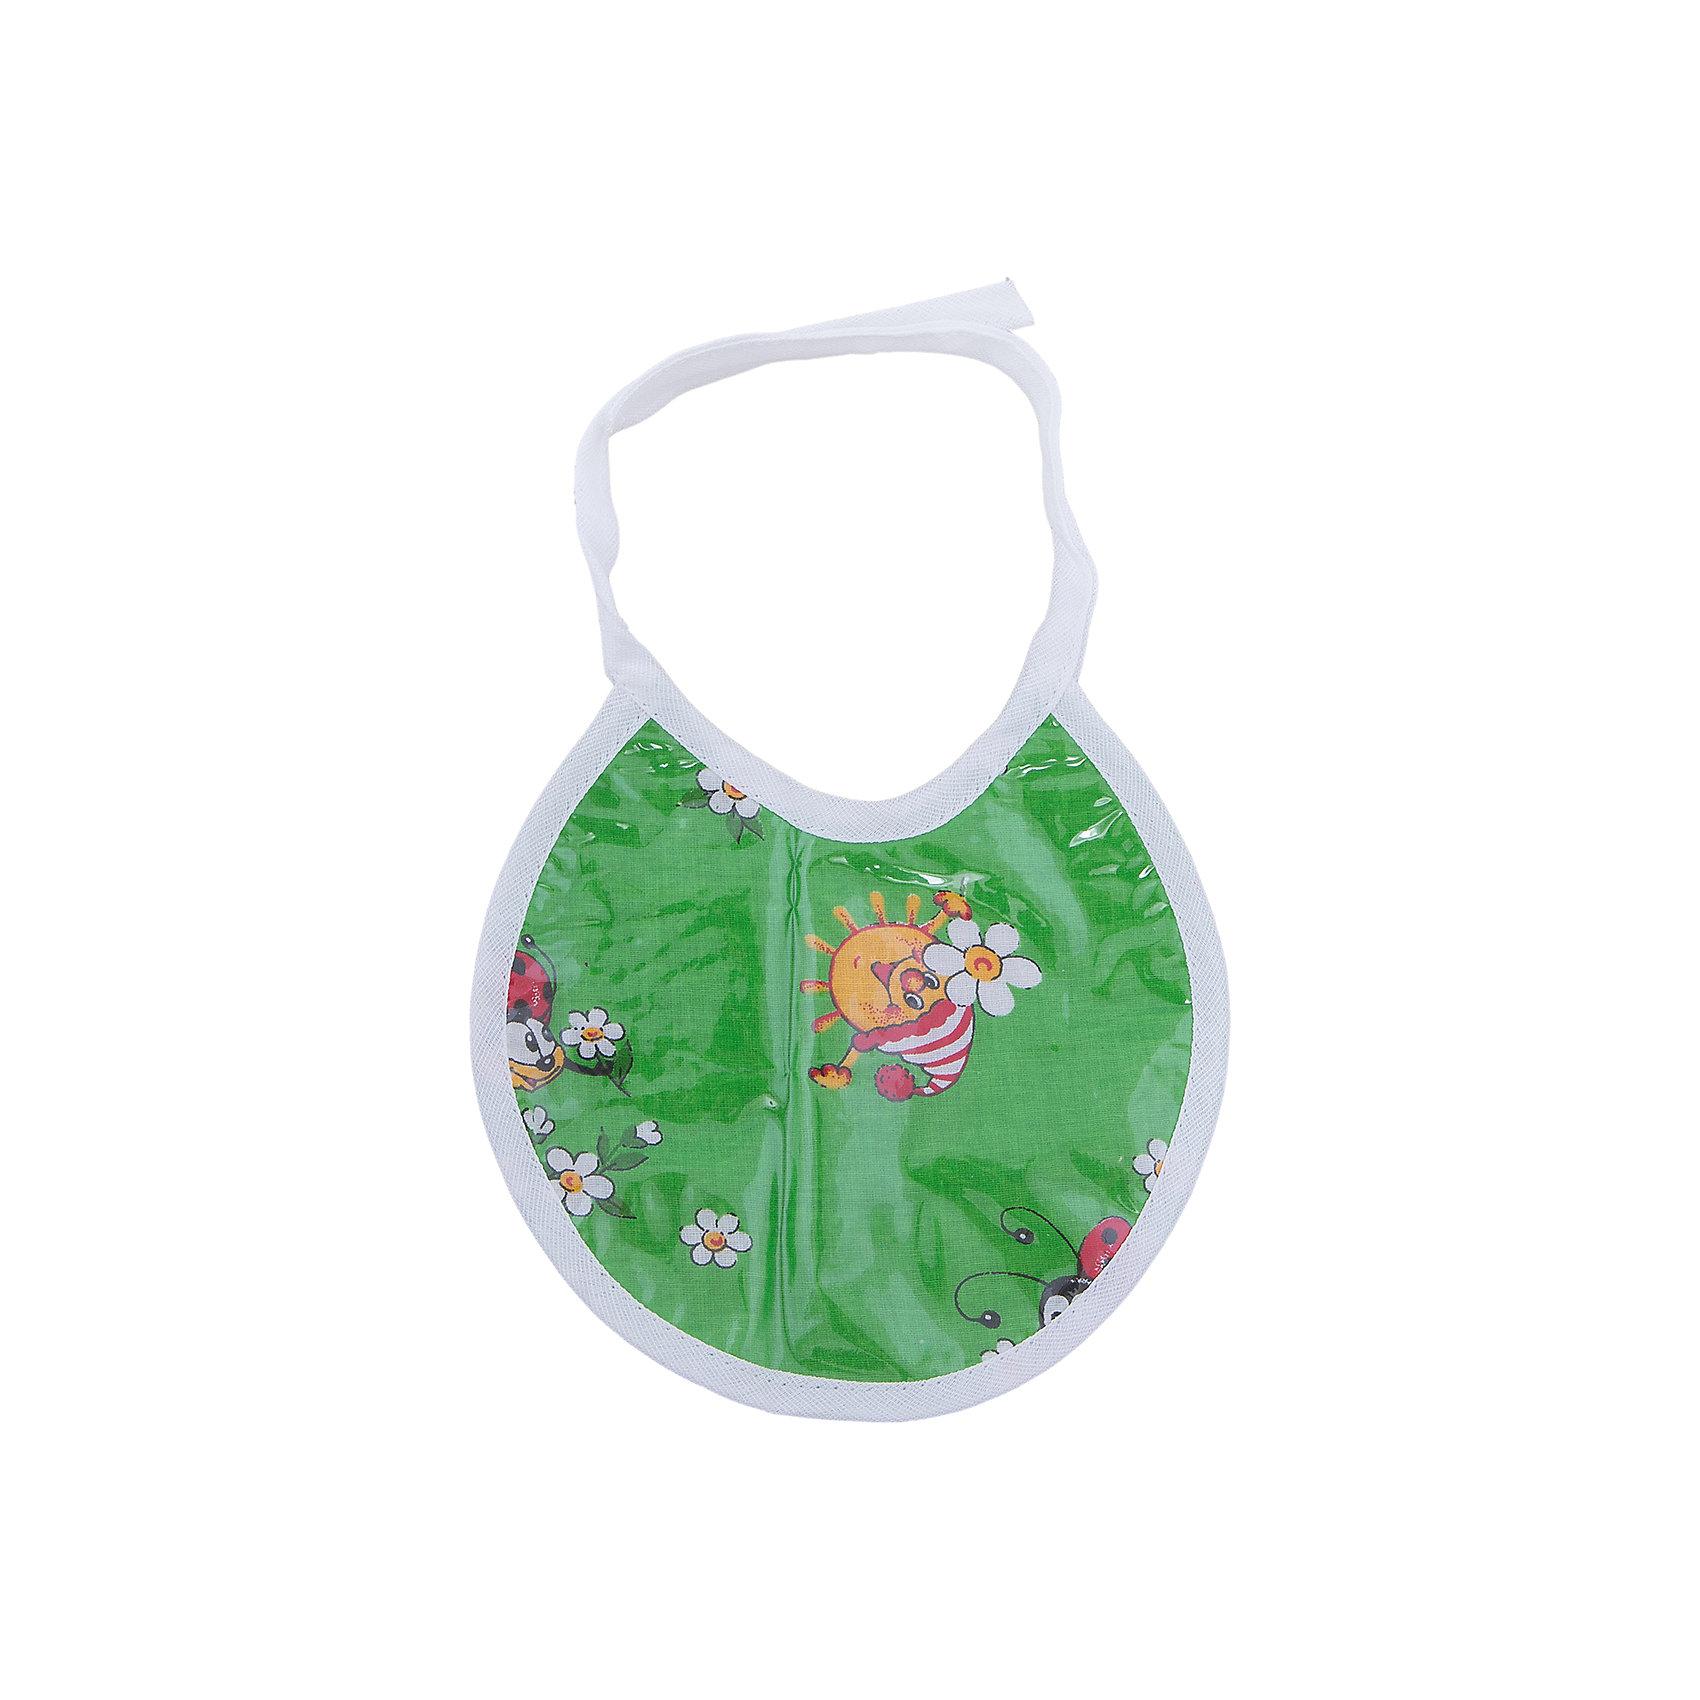 Фартук нагрудный Ф1 клеёнка, 200*200, зеленый с мишкамиНагрудники и салфетки<br>Ткань: бязь, клеенка прозрачная.<br><br>Ширина мм: 200<br>Глубина мм: 200<br>Высота мм: 10<br>Вес г: 50<br>Возраст от месяцев: 0<br>Возраст до месяцев: 6<br>Пол: Унисекс<br>Возраст: Детский<br>SKU: 5506862